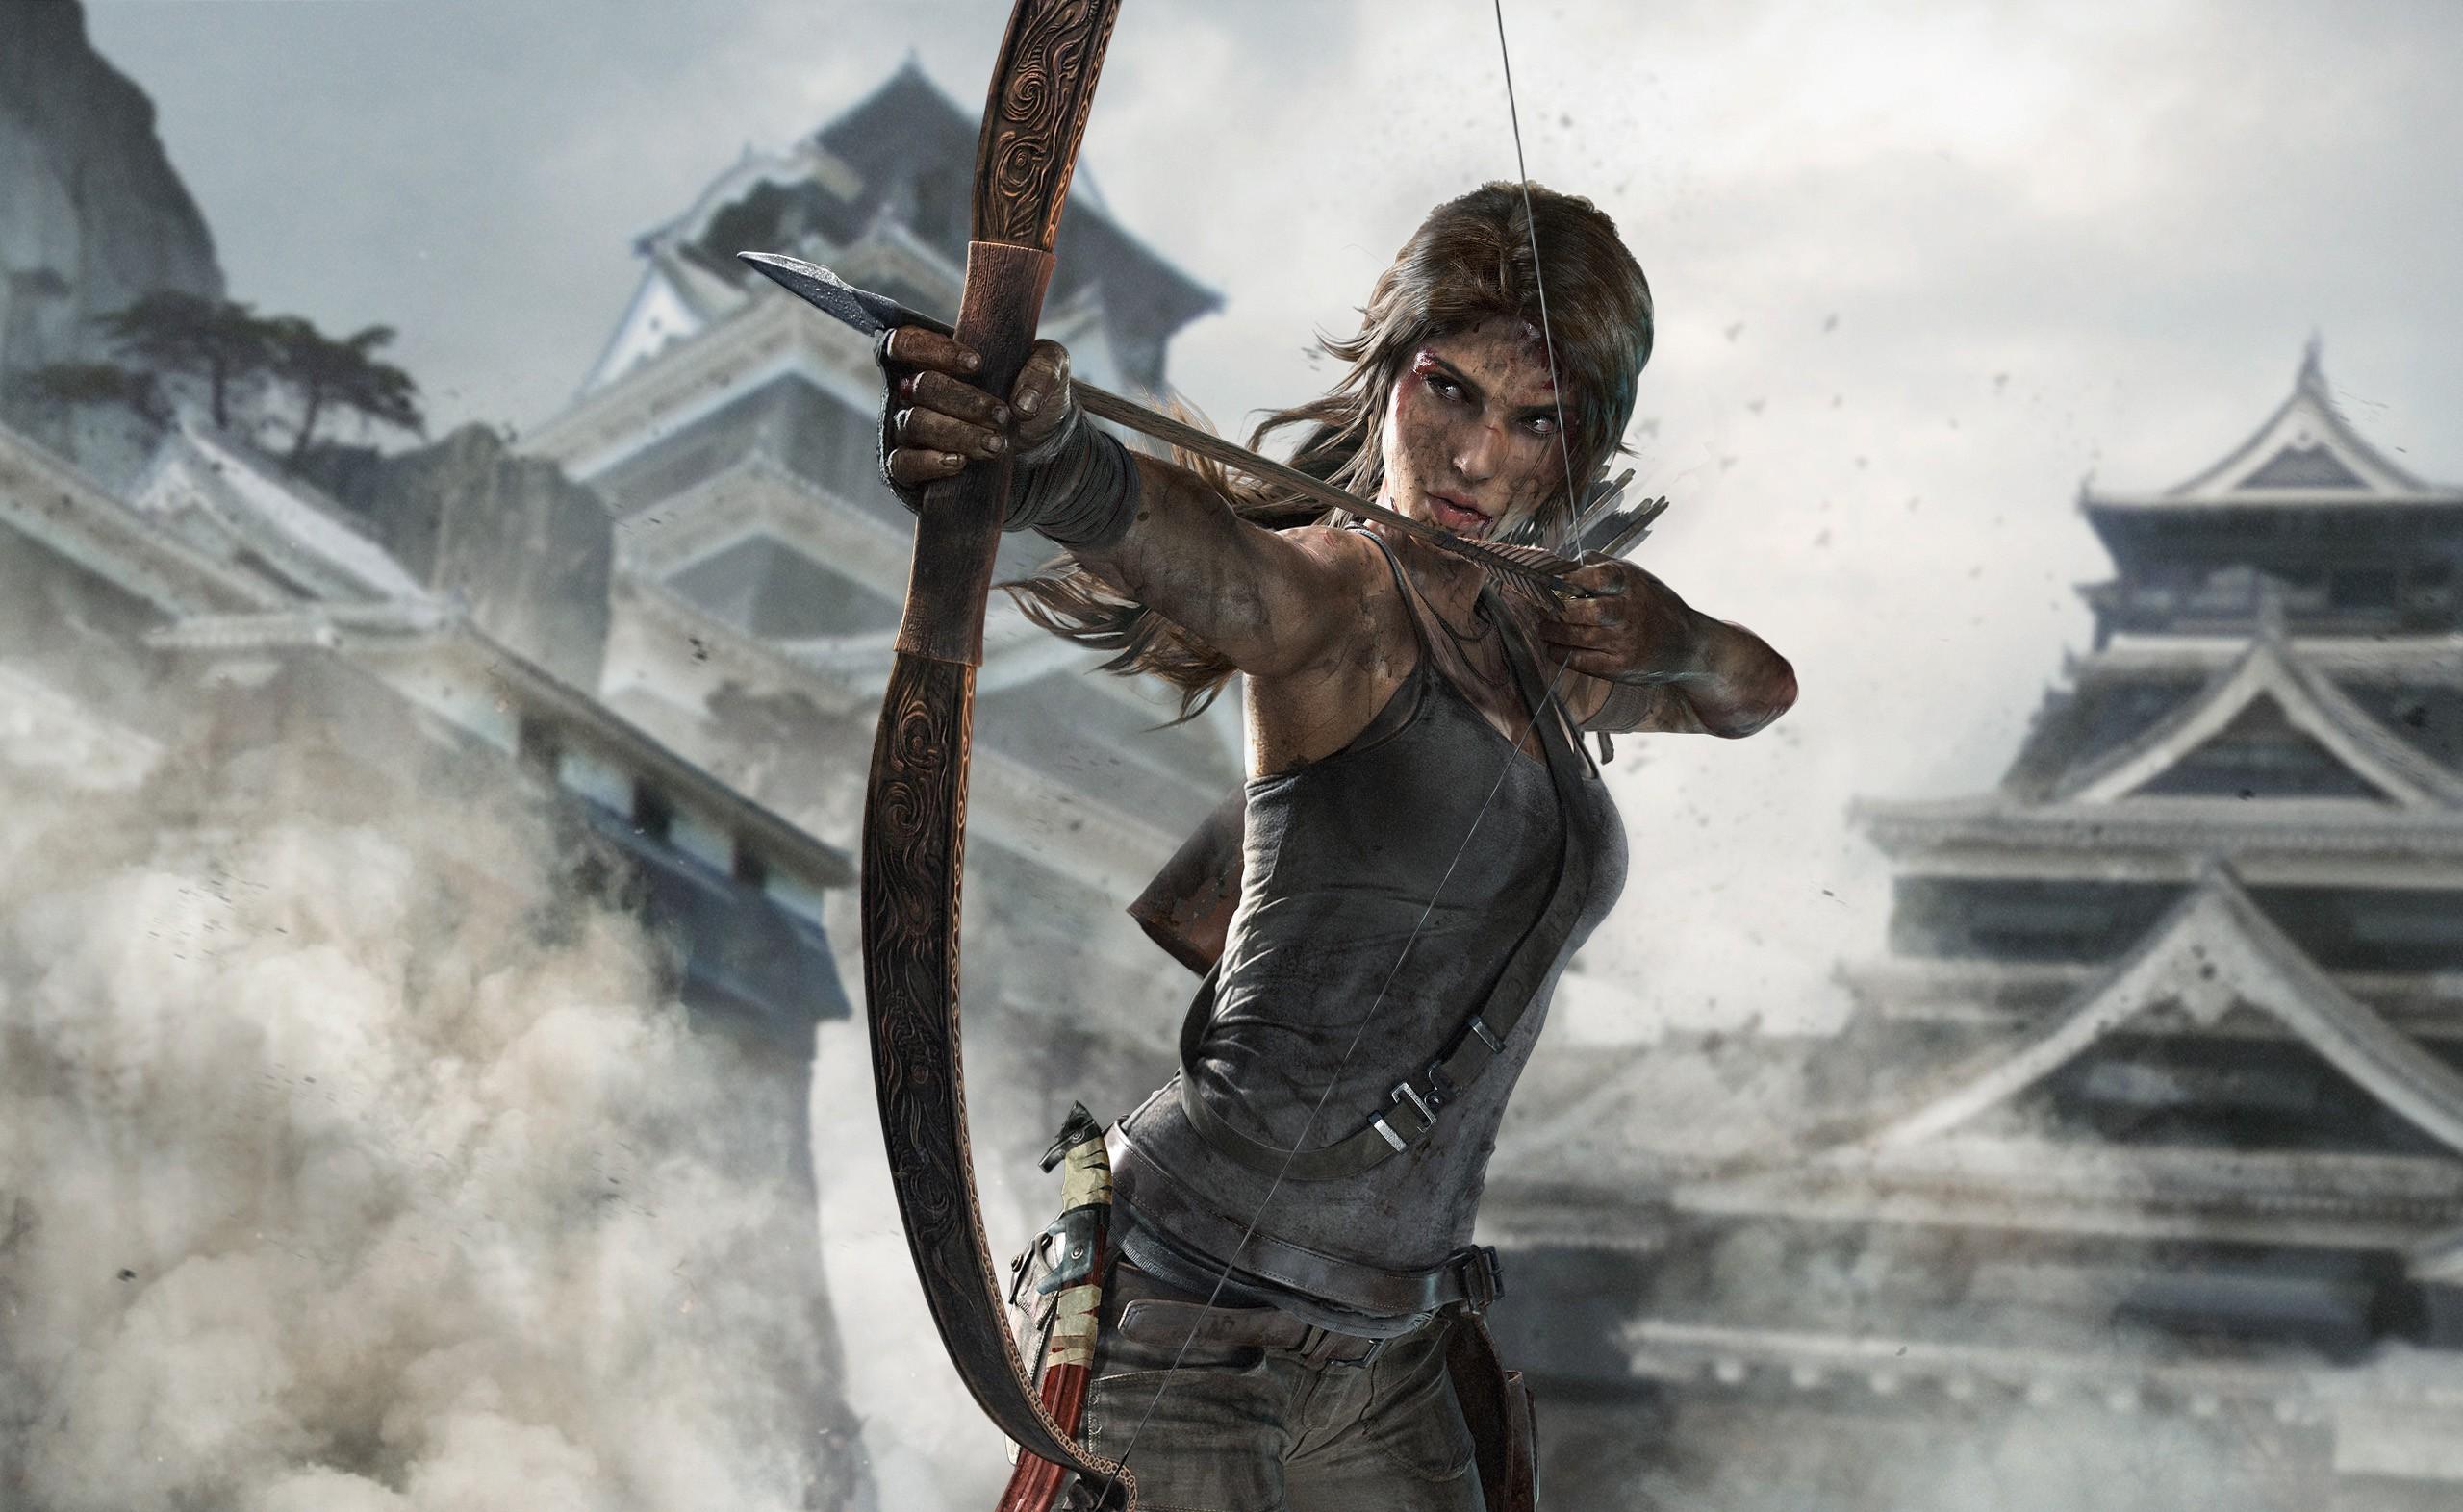 Wallpaper 2560x1572 Px Lara Croft Tomb Raider 2560x1572